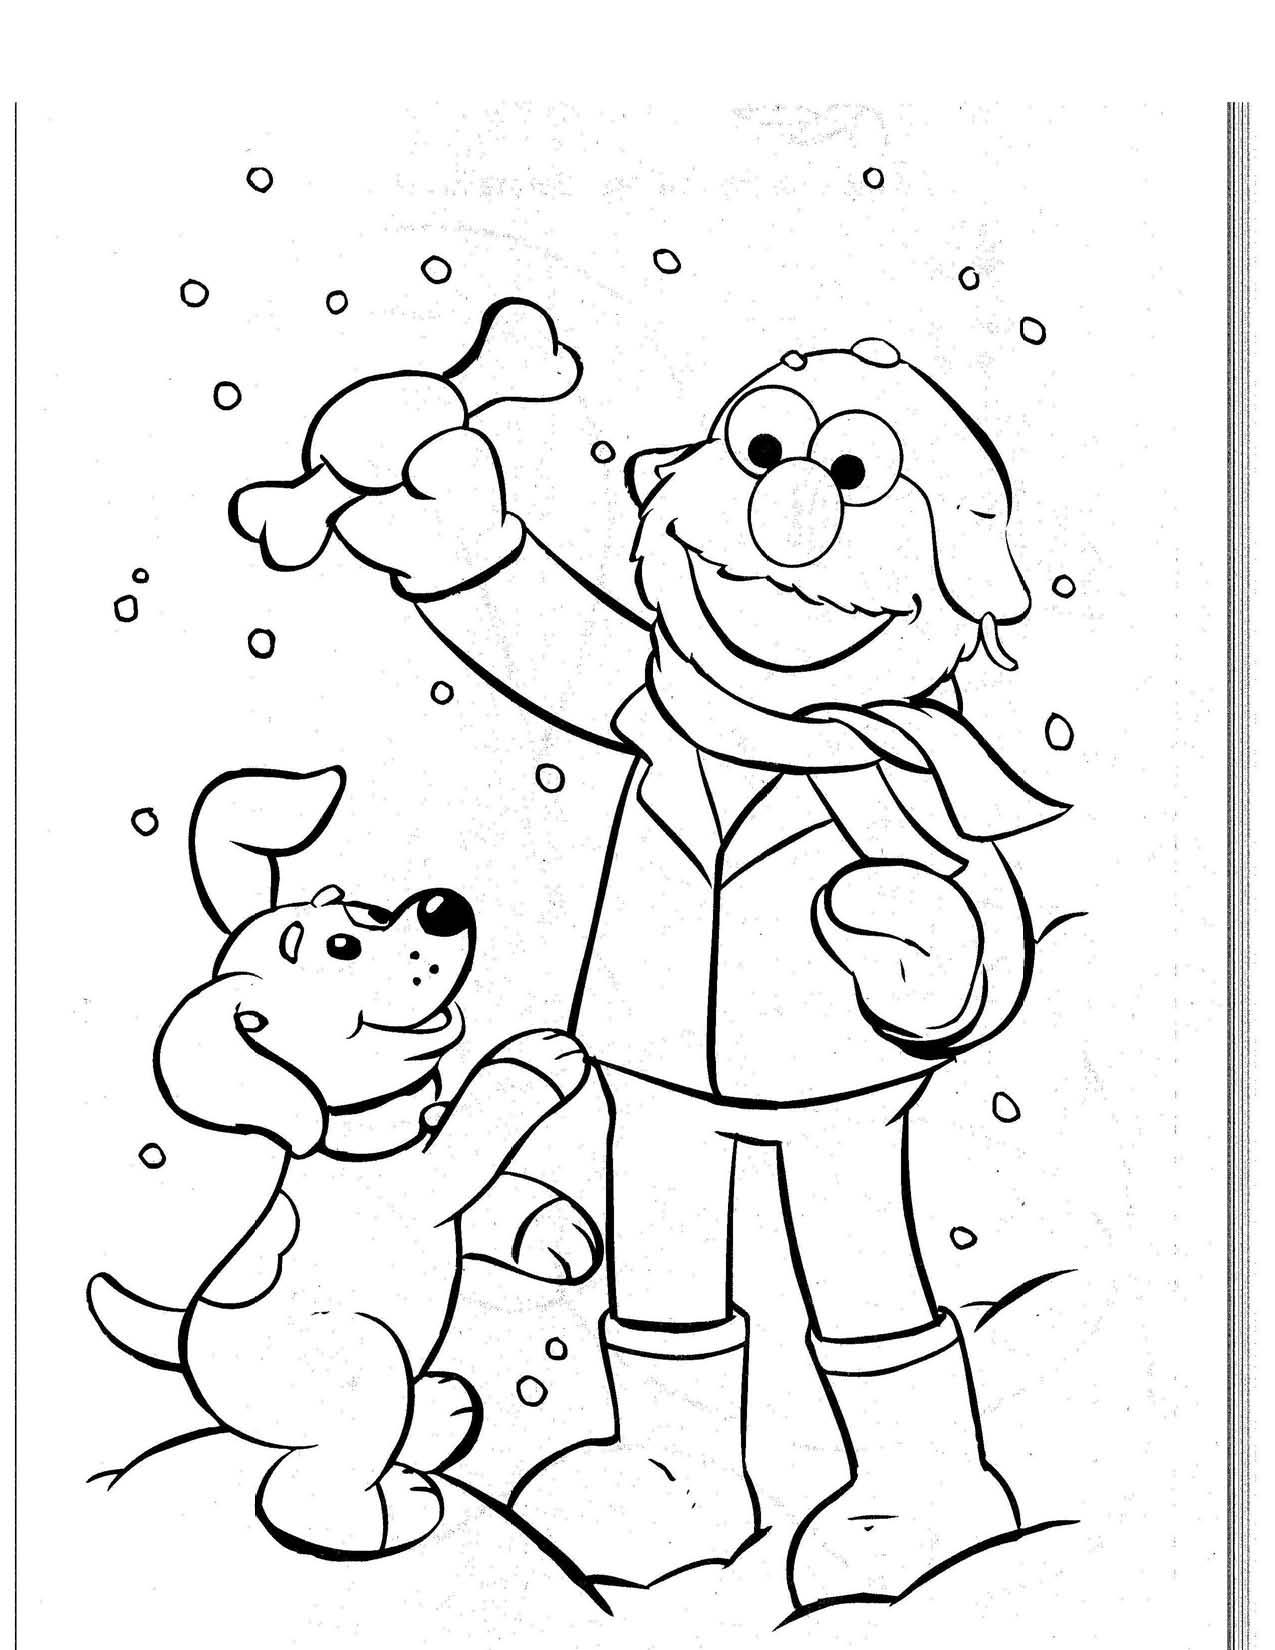 Moderno Elmo Para Colorear Para Imprimir Ideas - Dibujos Para ...